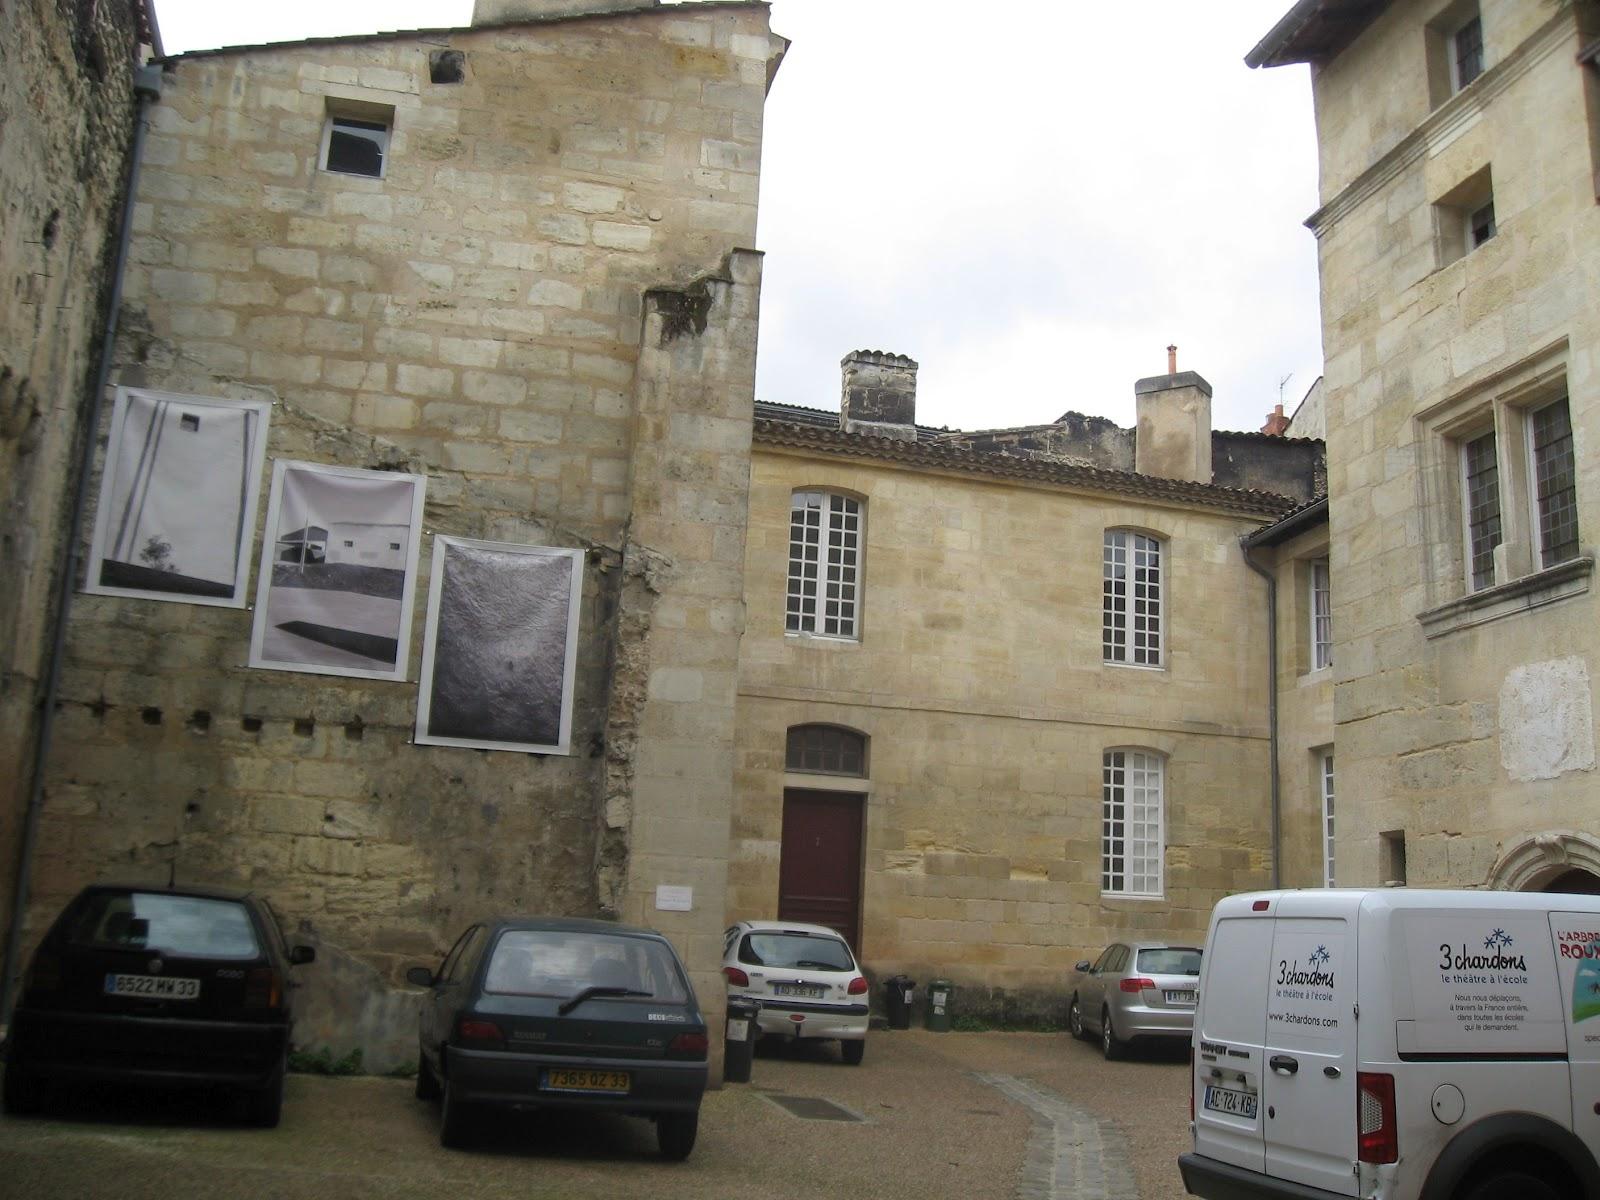 Visites impasse de la rue neuve de l poque m di vale for Maison de l architecture bordeaux